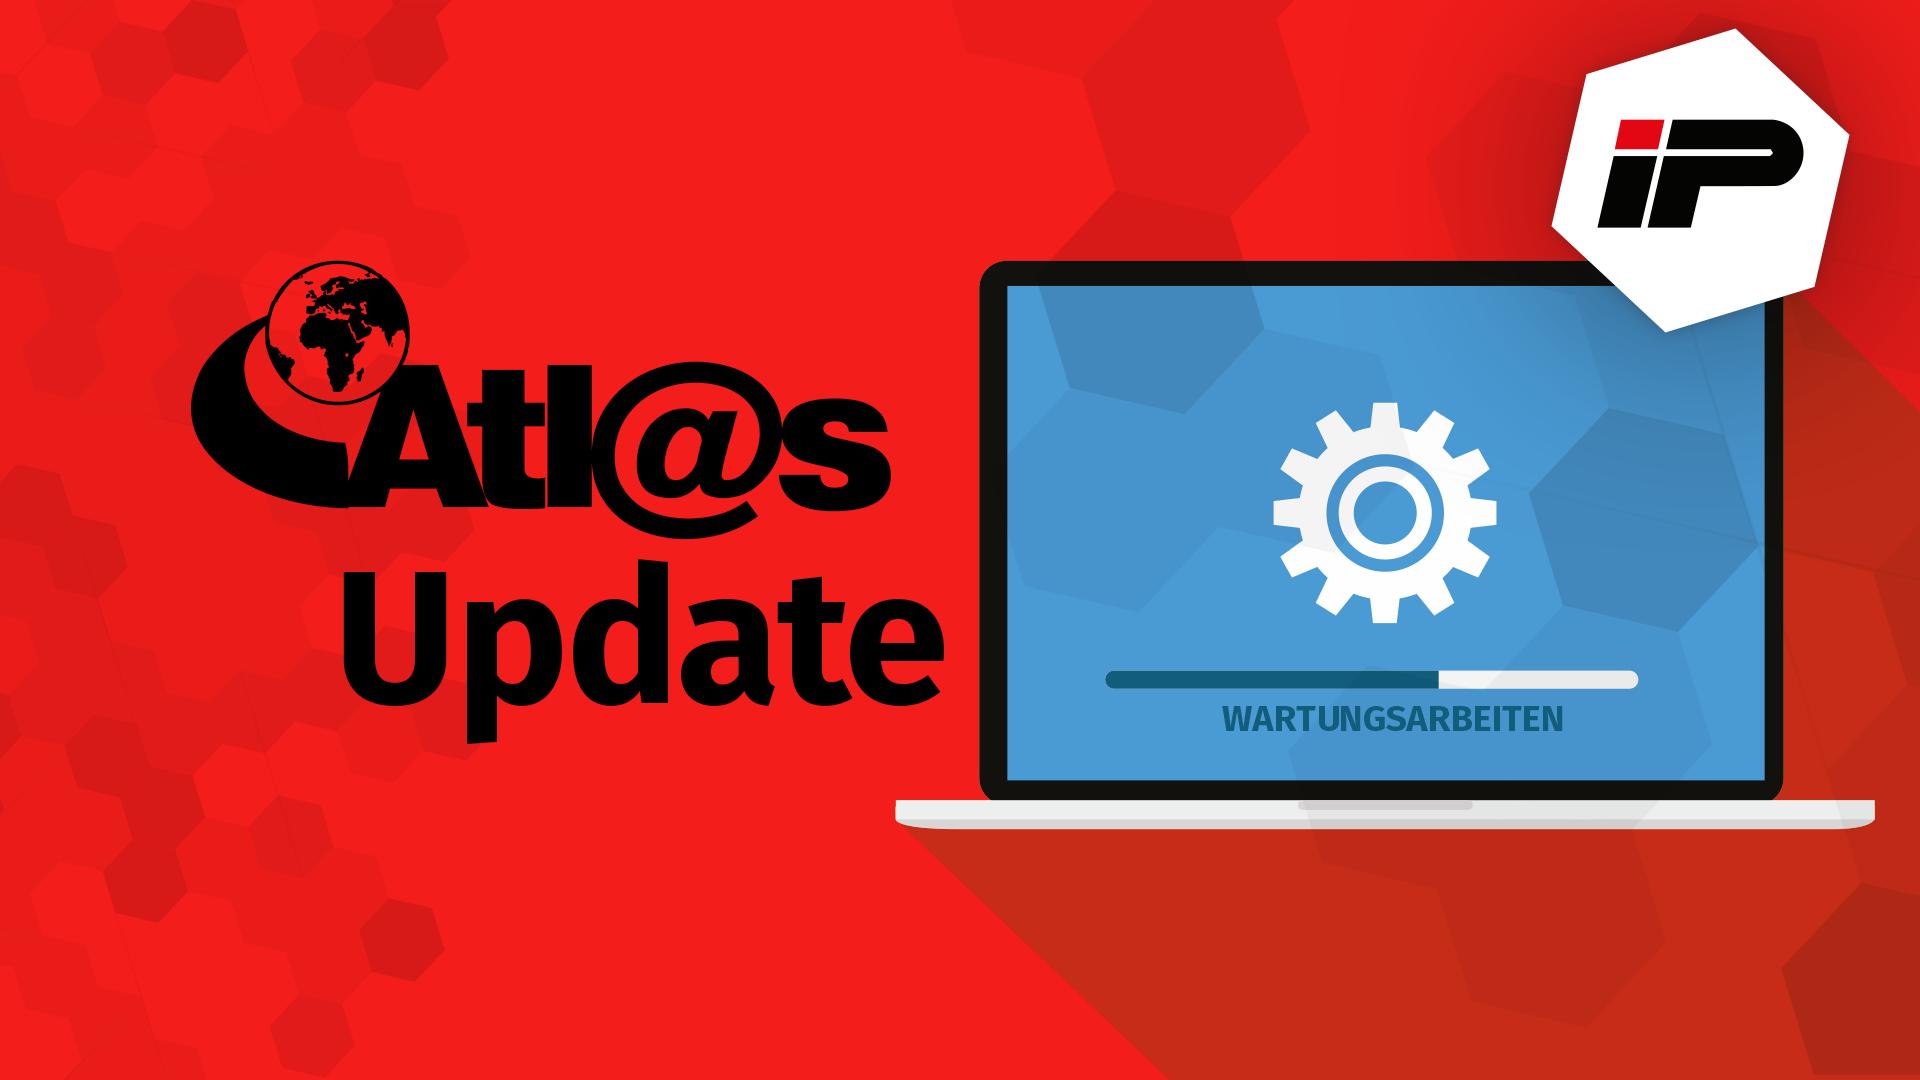 Ab Fr. 20.09. Unterbrechung der Zollabwicklung ATLAS durch Umstellung auf das Release ATLAS 9.0.1 / AES 2.4.4